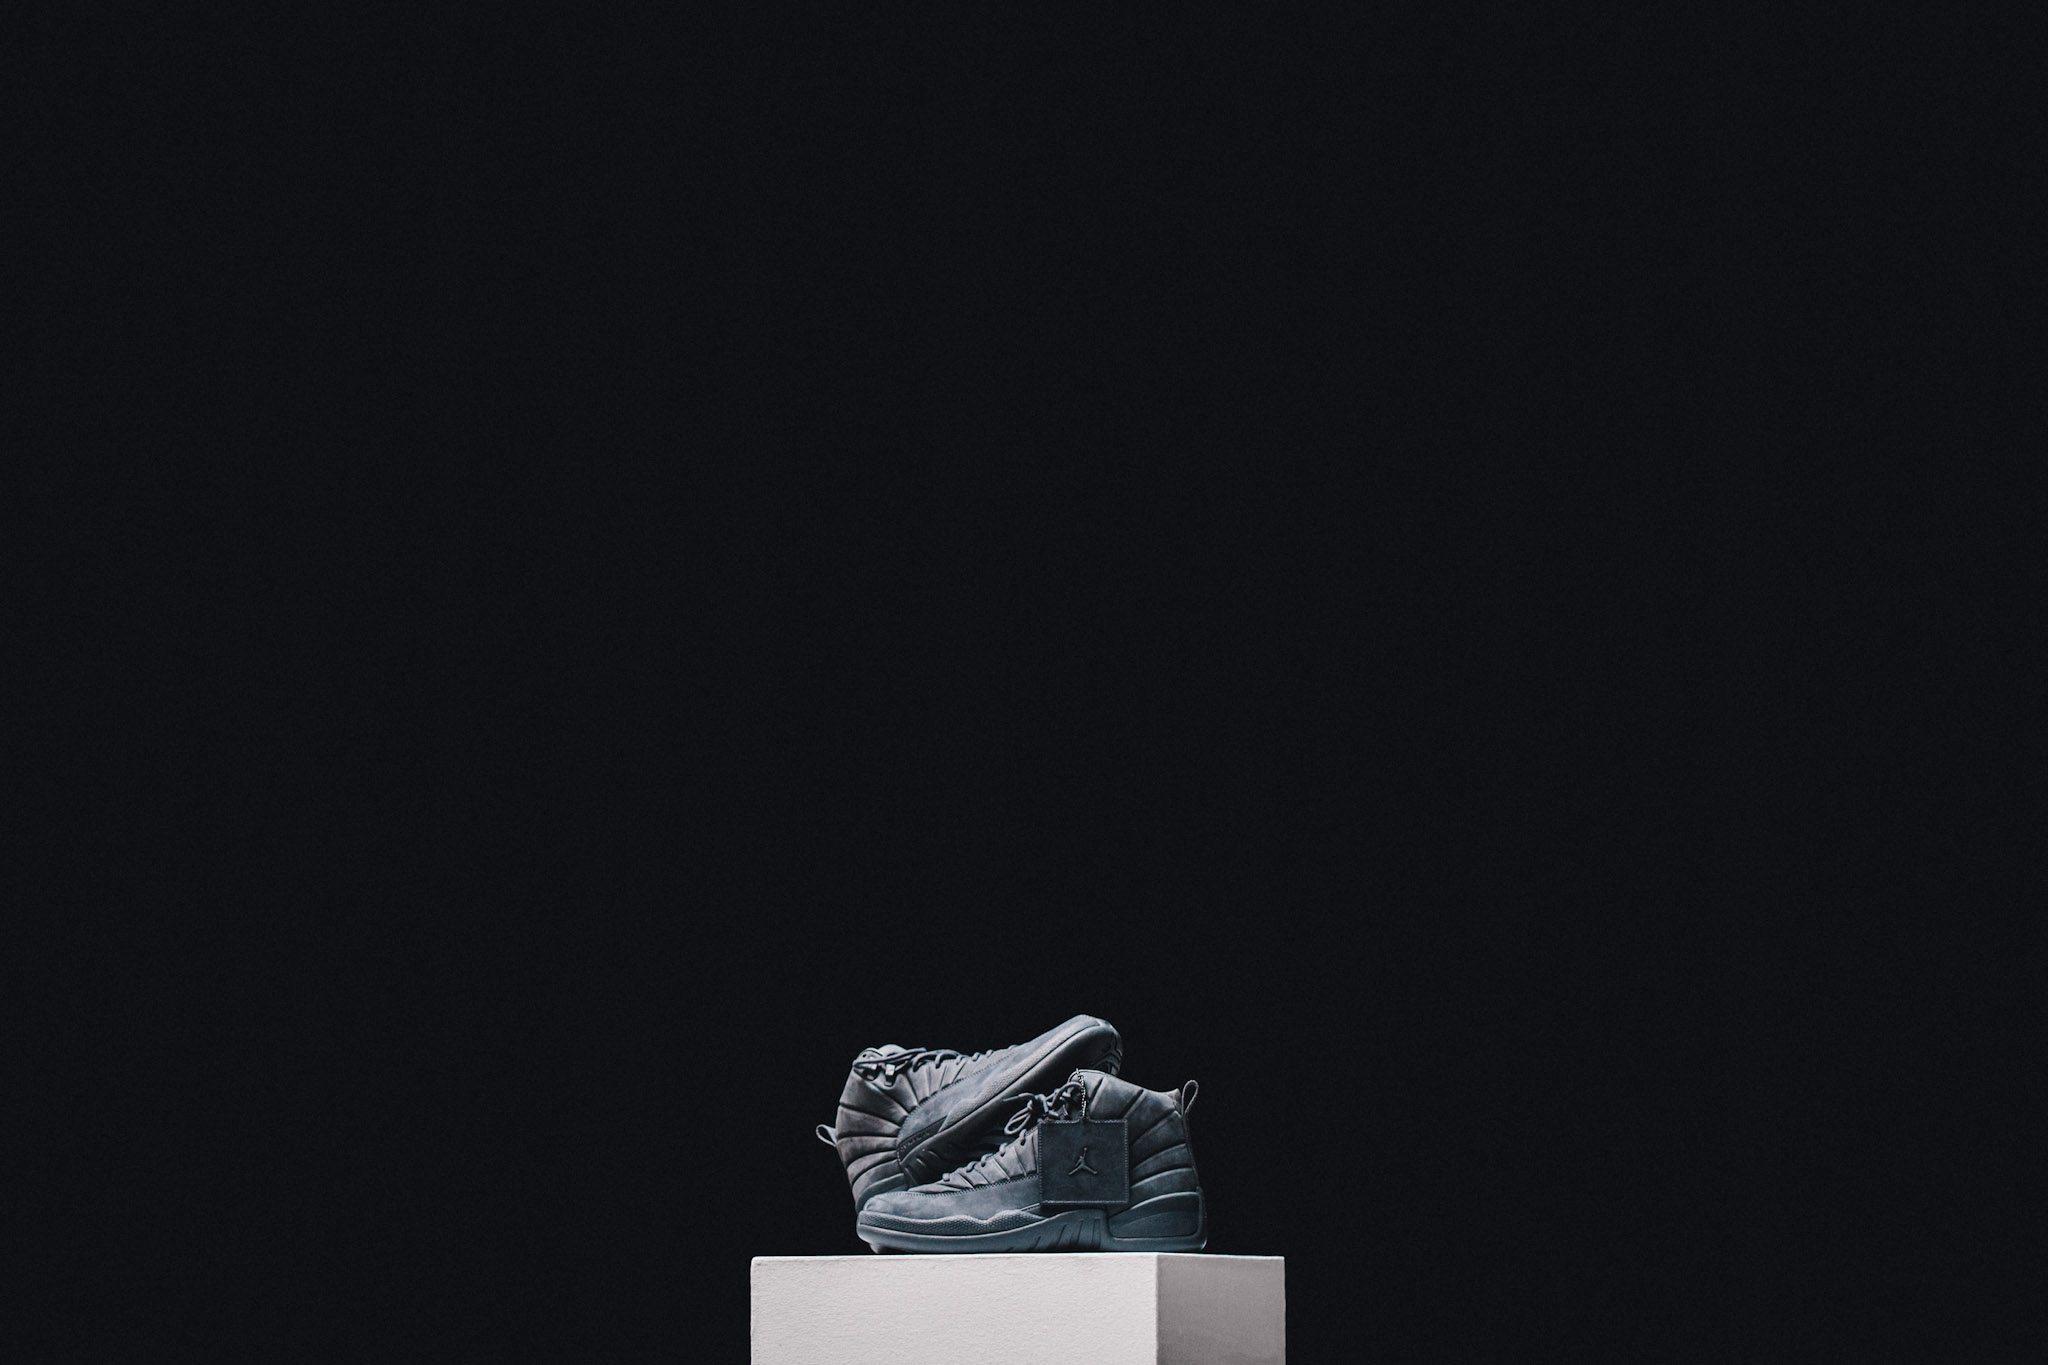 Air Jordan x PSNY 1